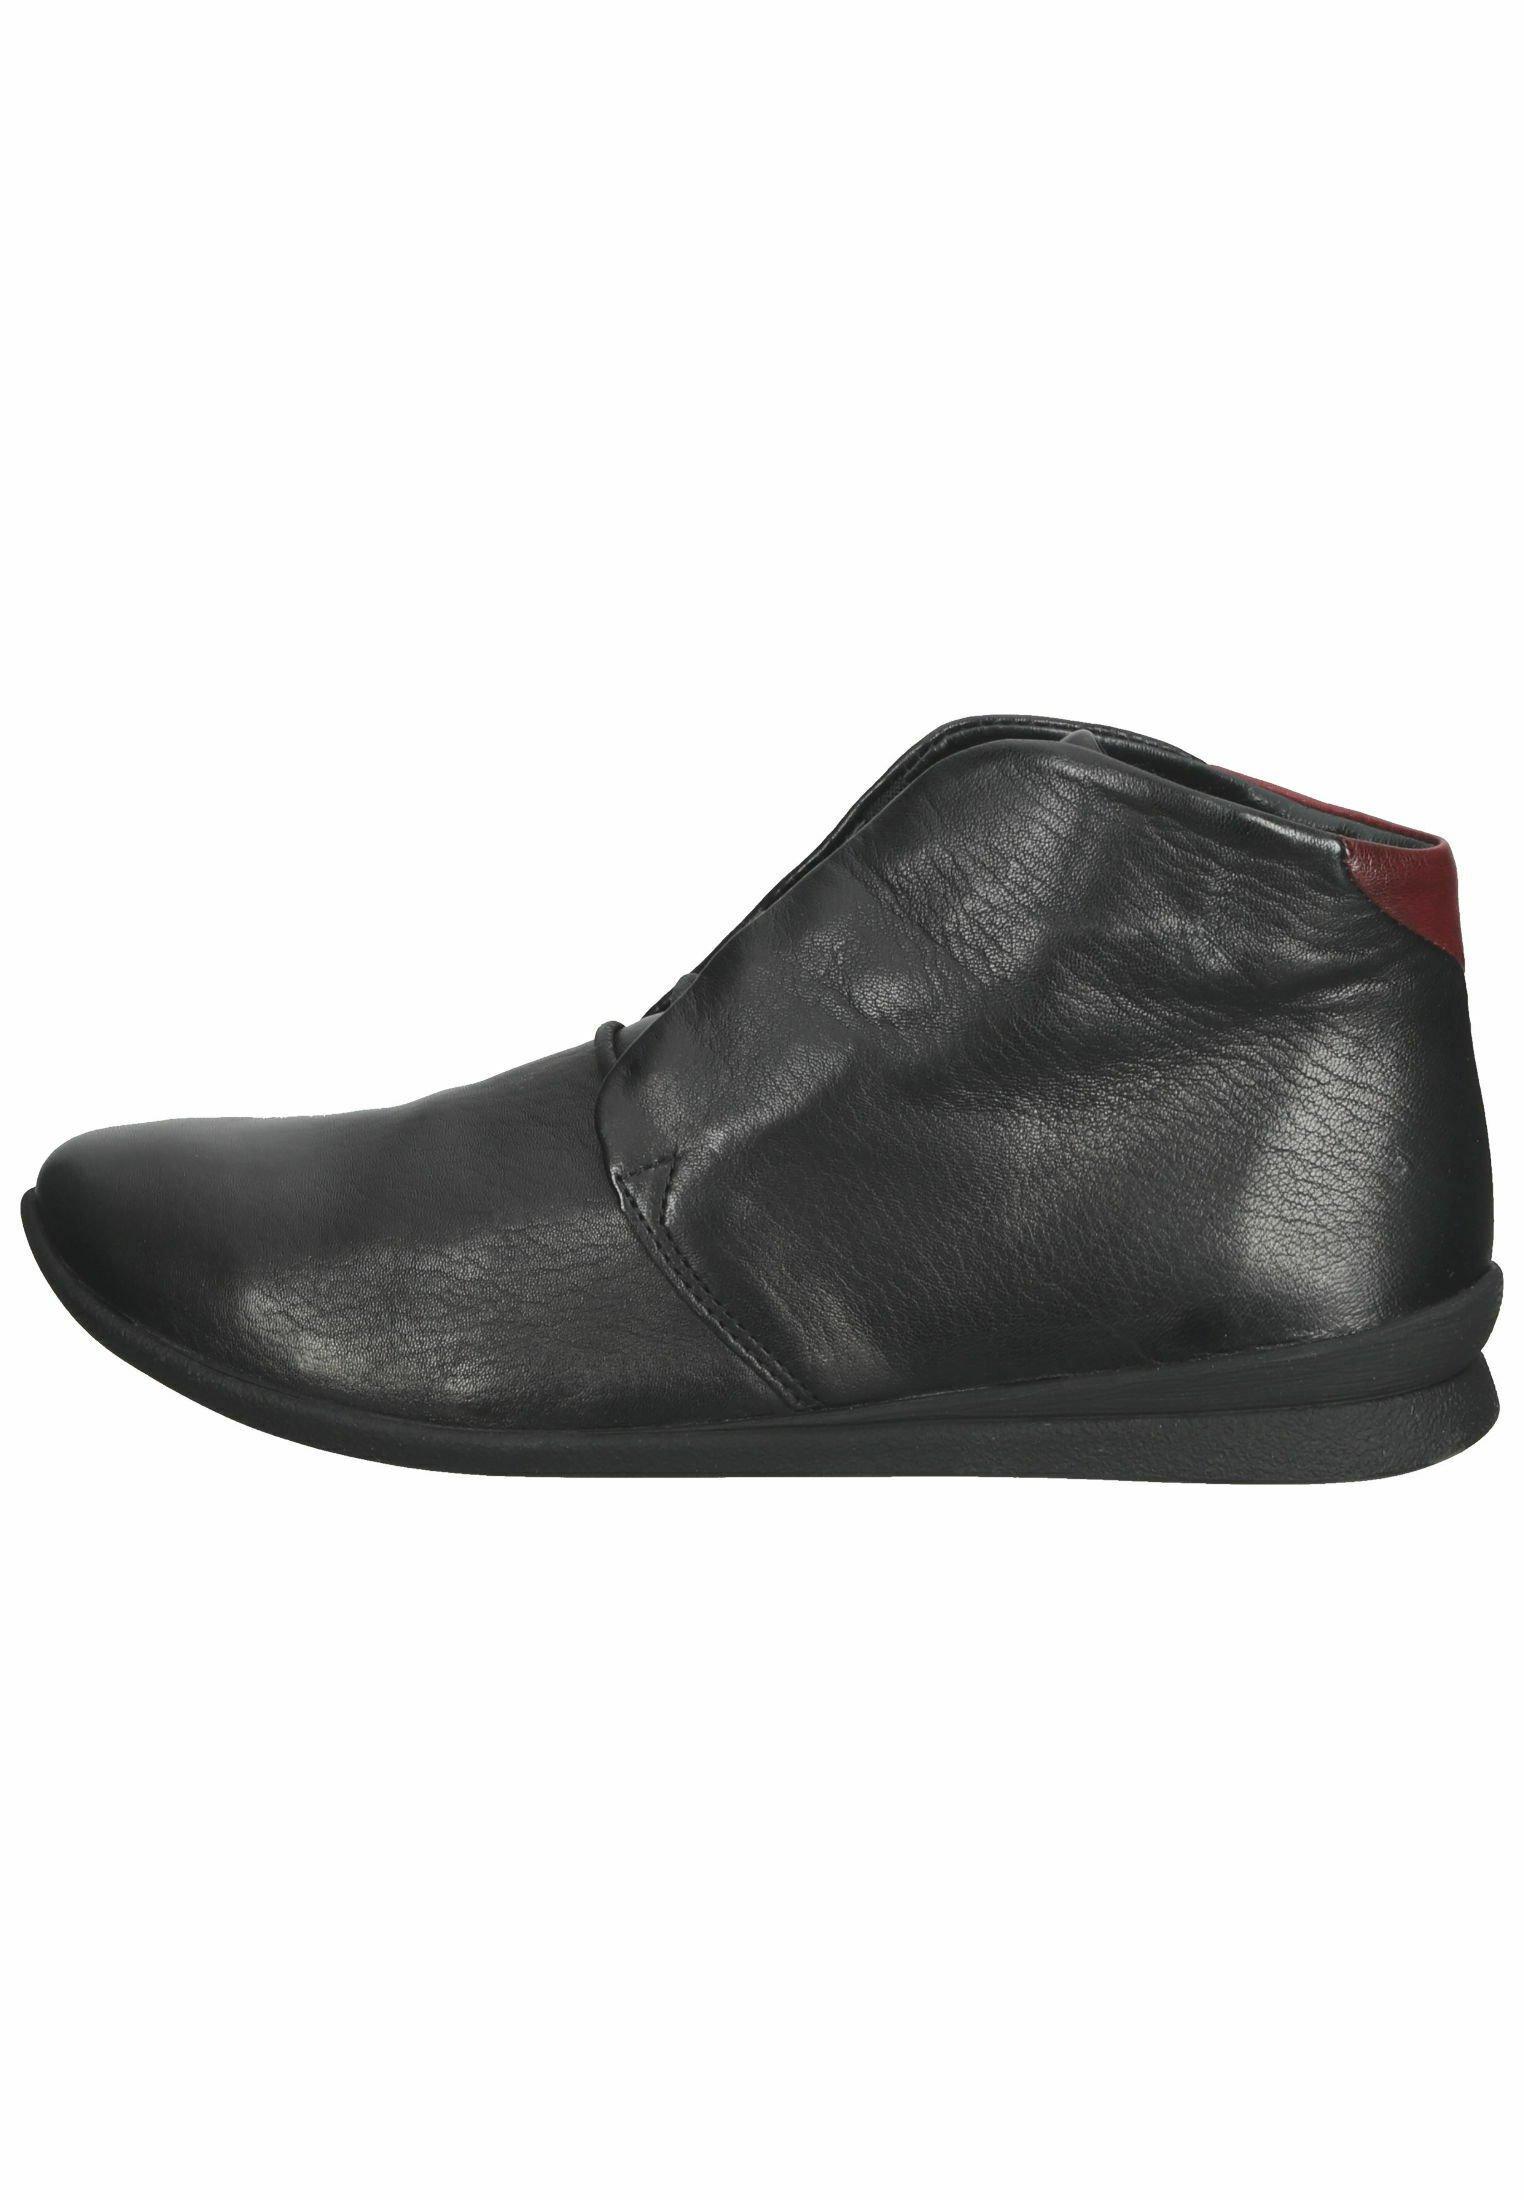 Damen STIEFELETTE - Ankle Boot - sz/kombi